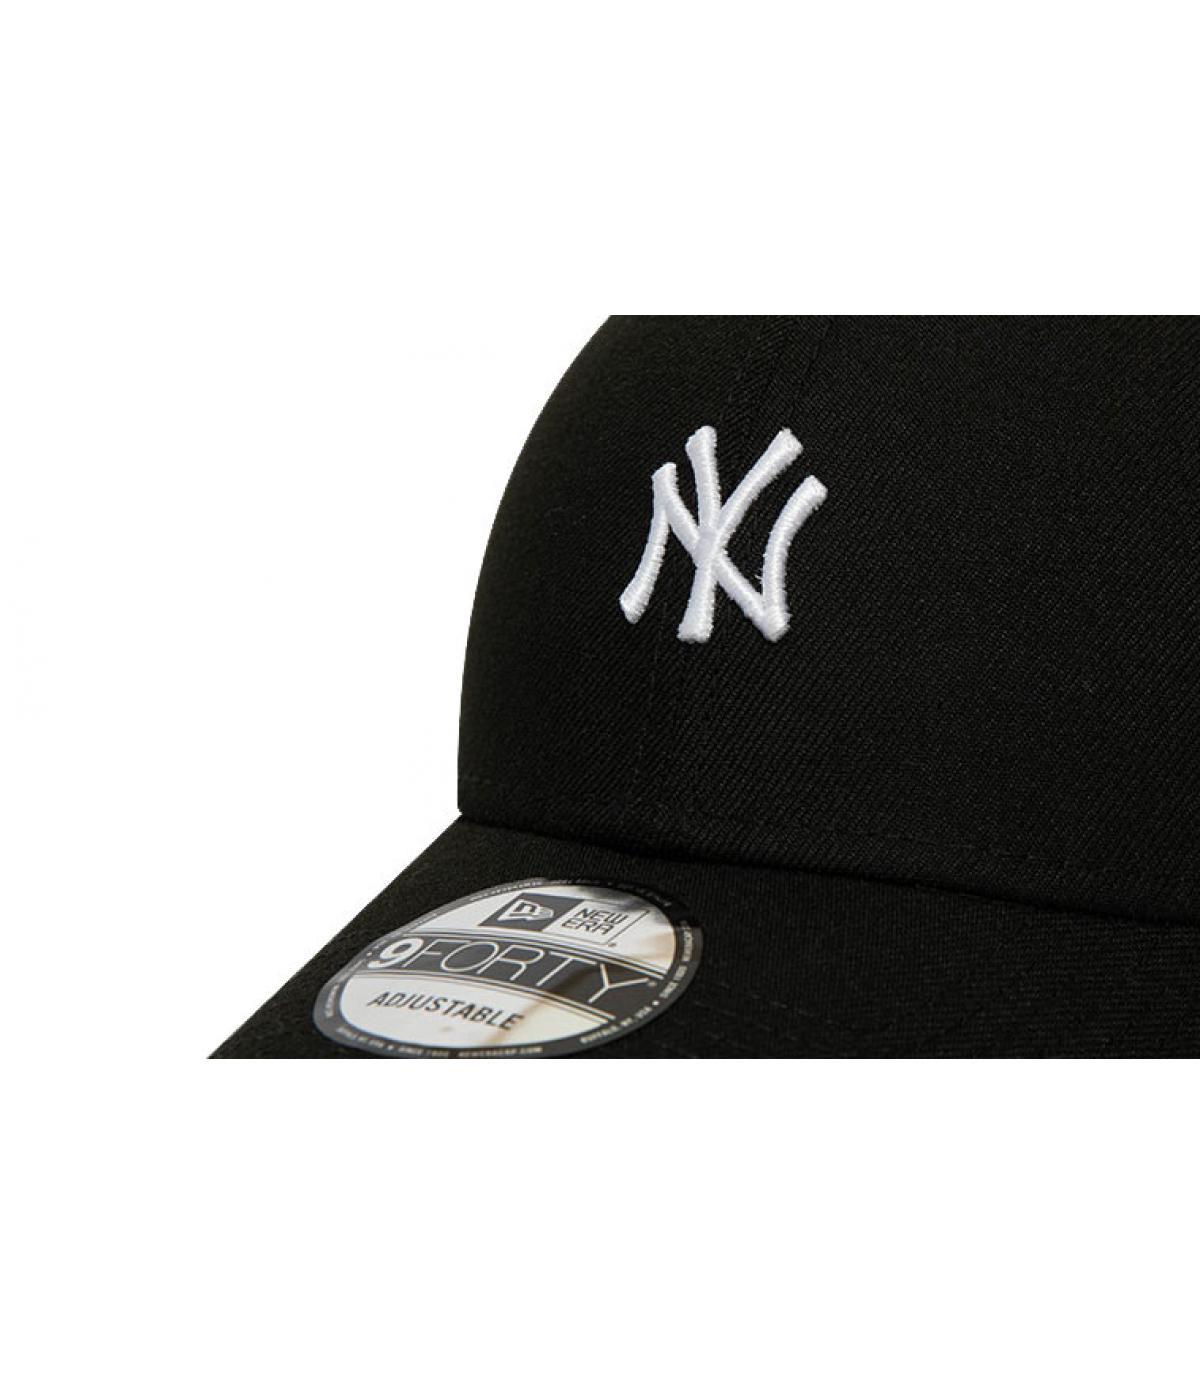 Details MLB Tour NY 940 black - afbeeling 3